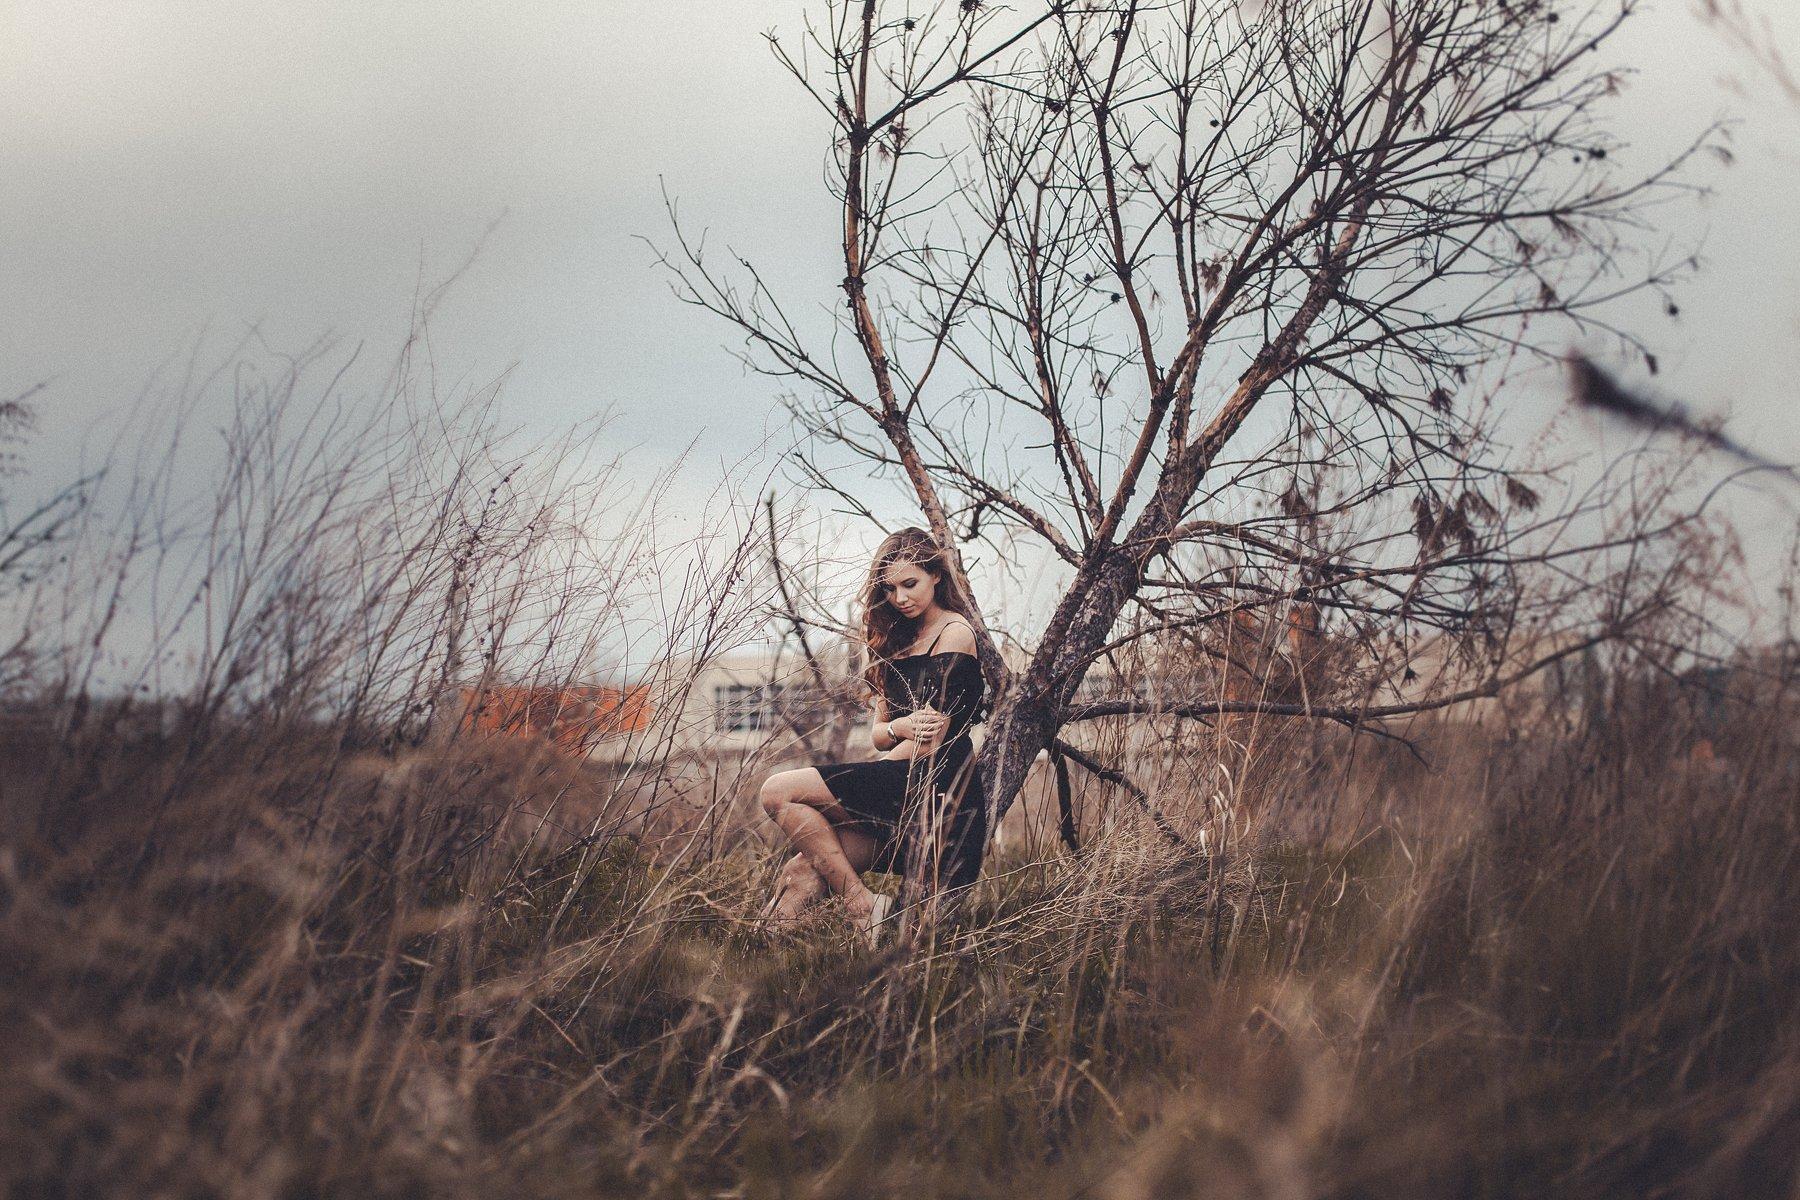 девушка, платье, весна, деревья, Дмитрий Душаков